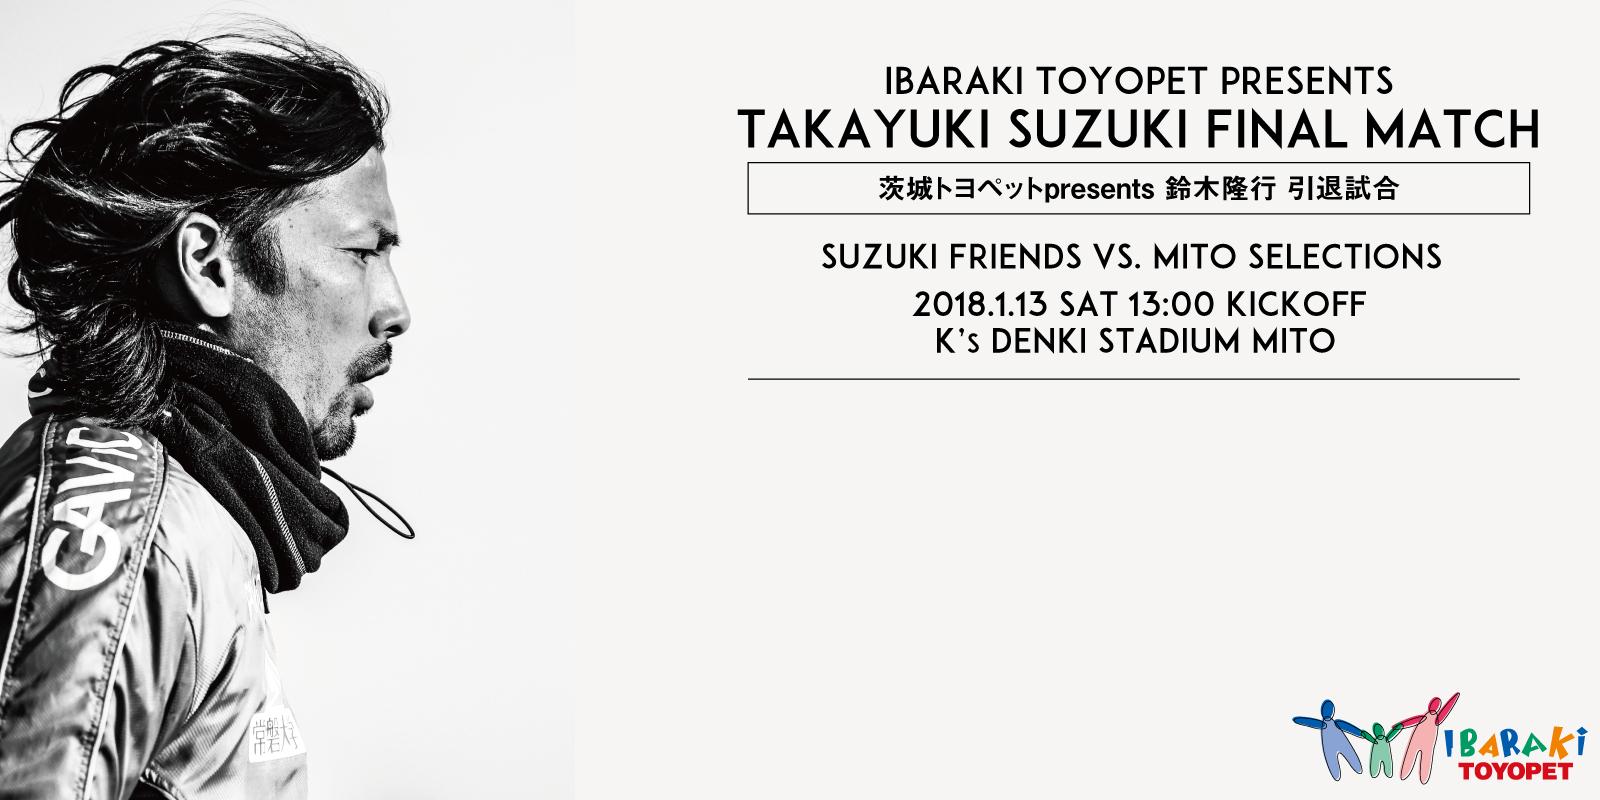 中村俊輔、中山雅史ら豪華メンバー集結し、1月13日に鈴木隆行の引退試合が行われる